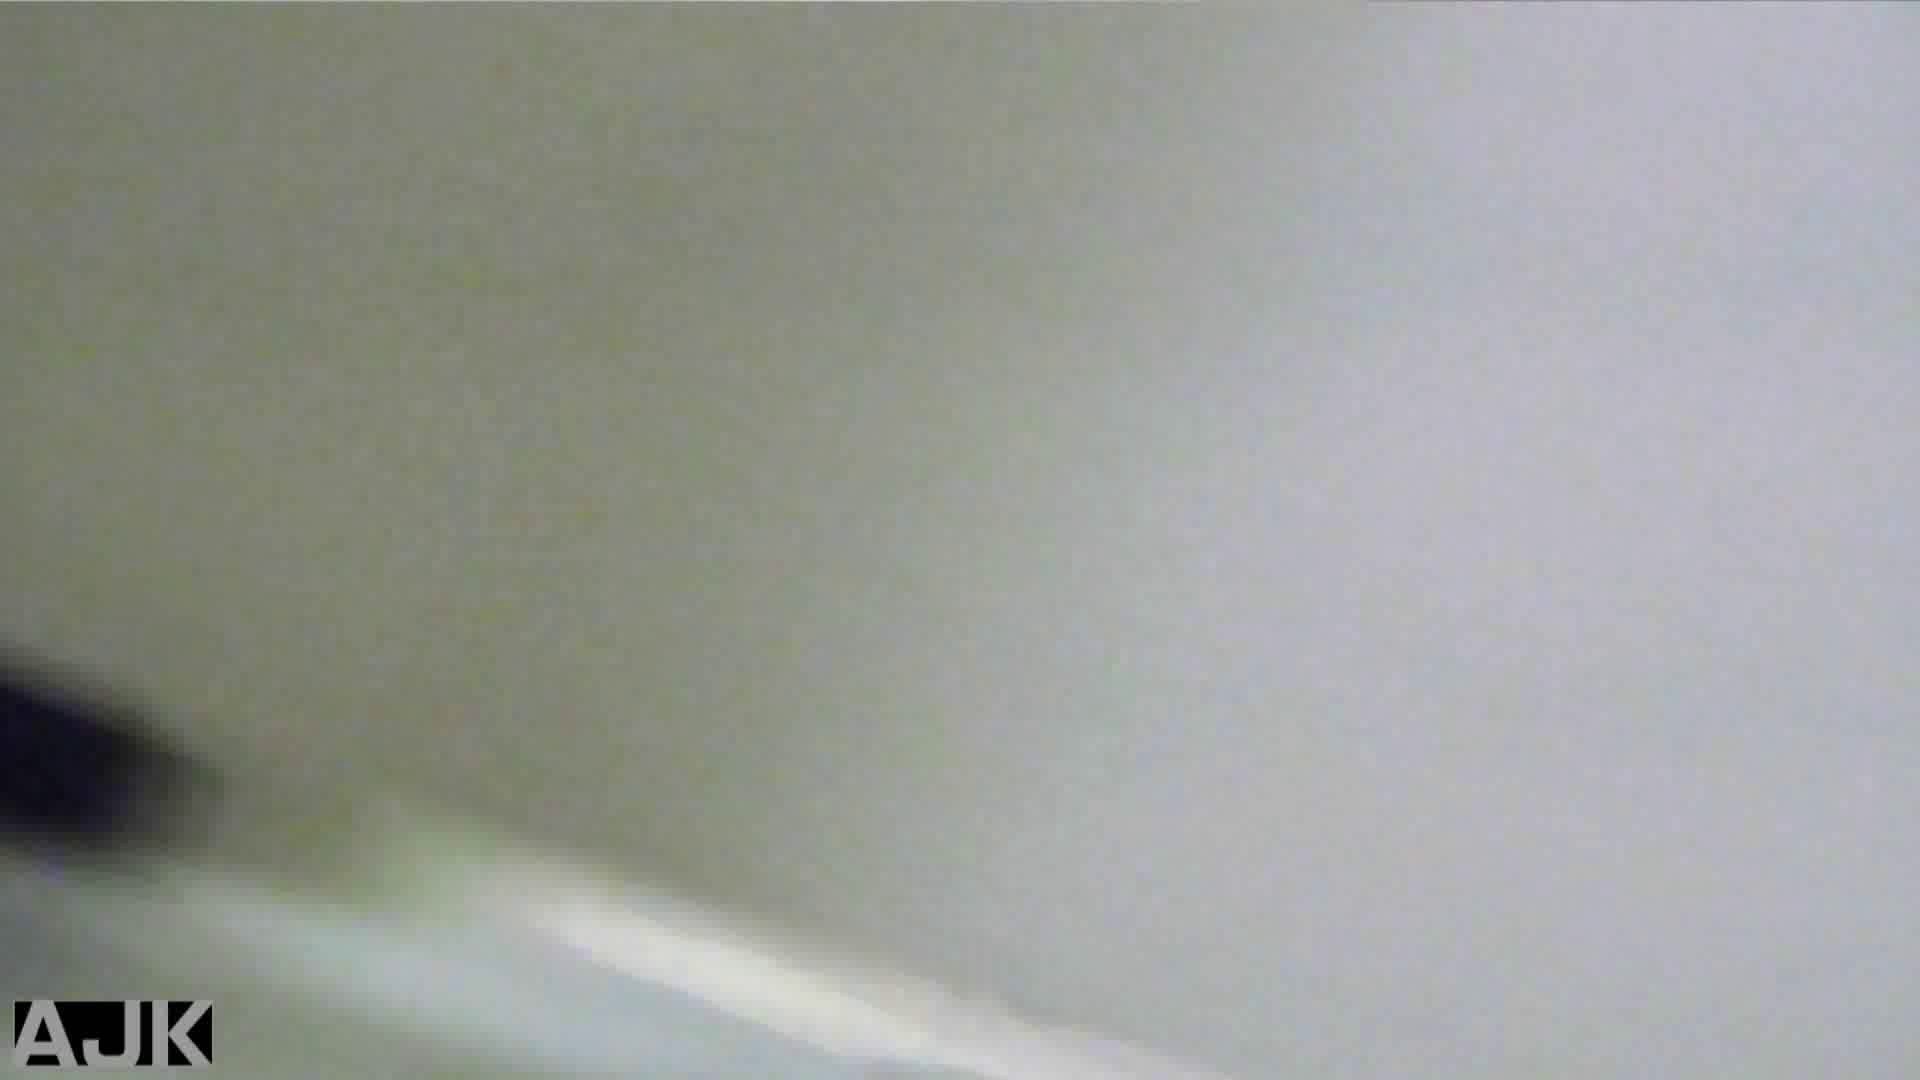 神降臨!史上最強の潜入かわや! vol.01 オマンコギャル セックス画像 71連発 25